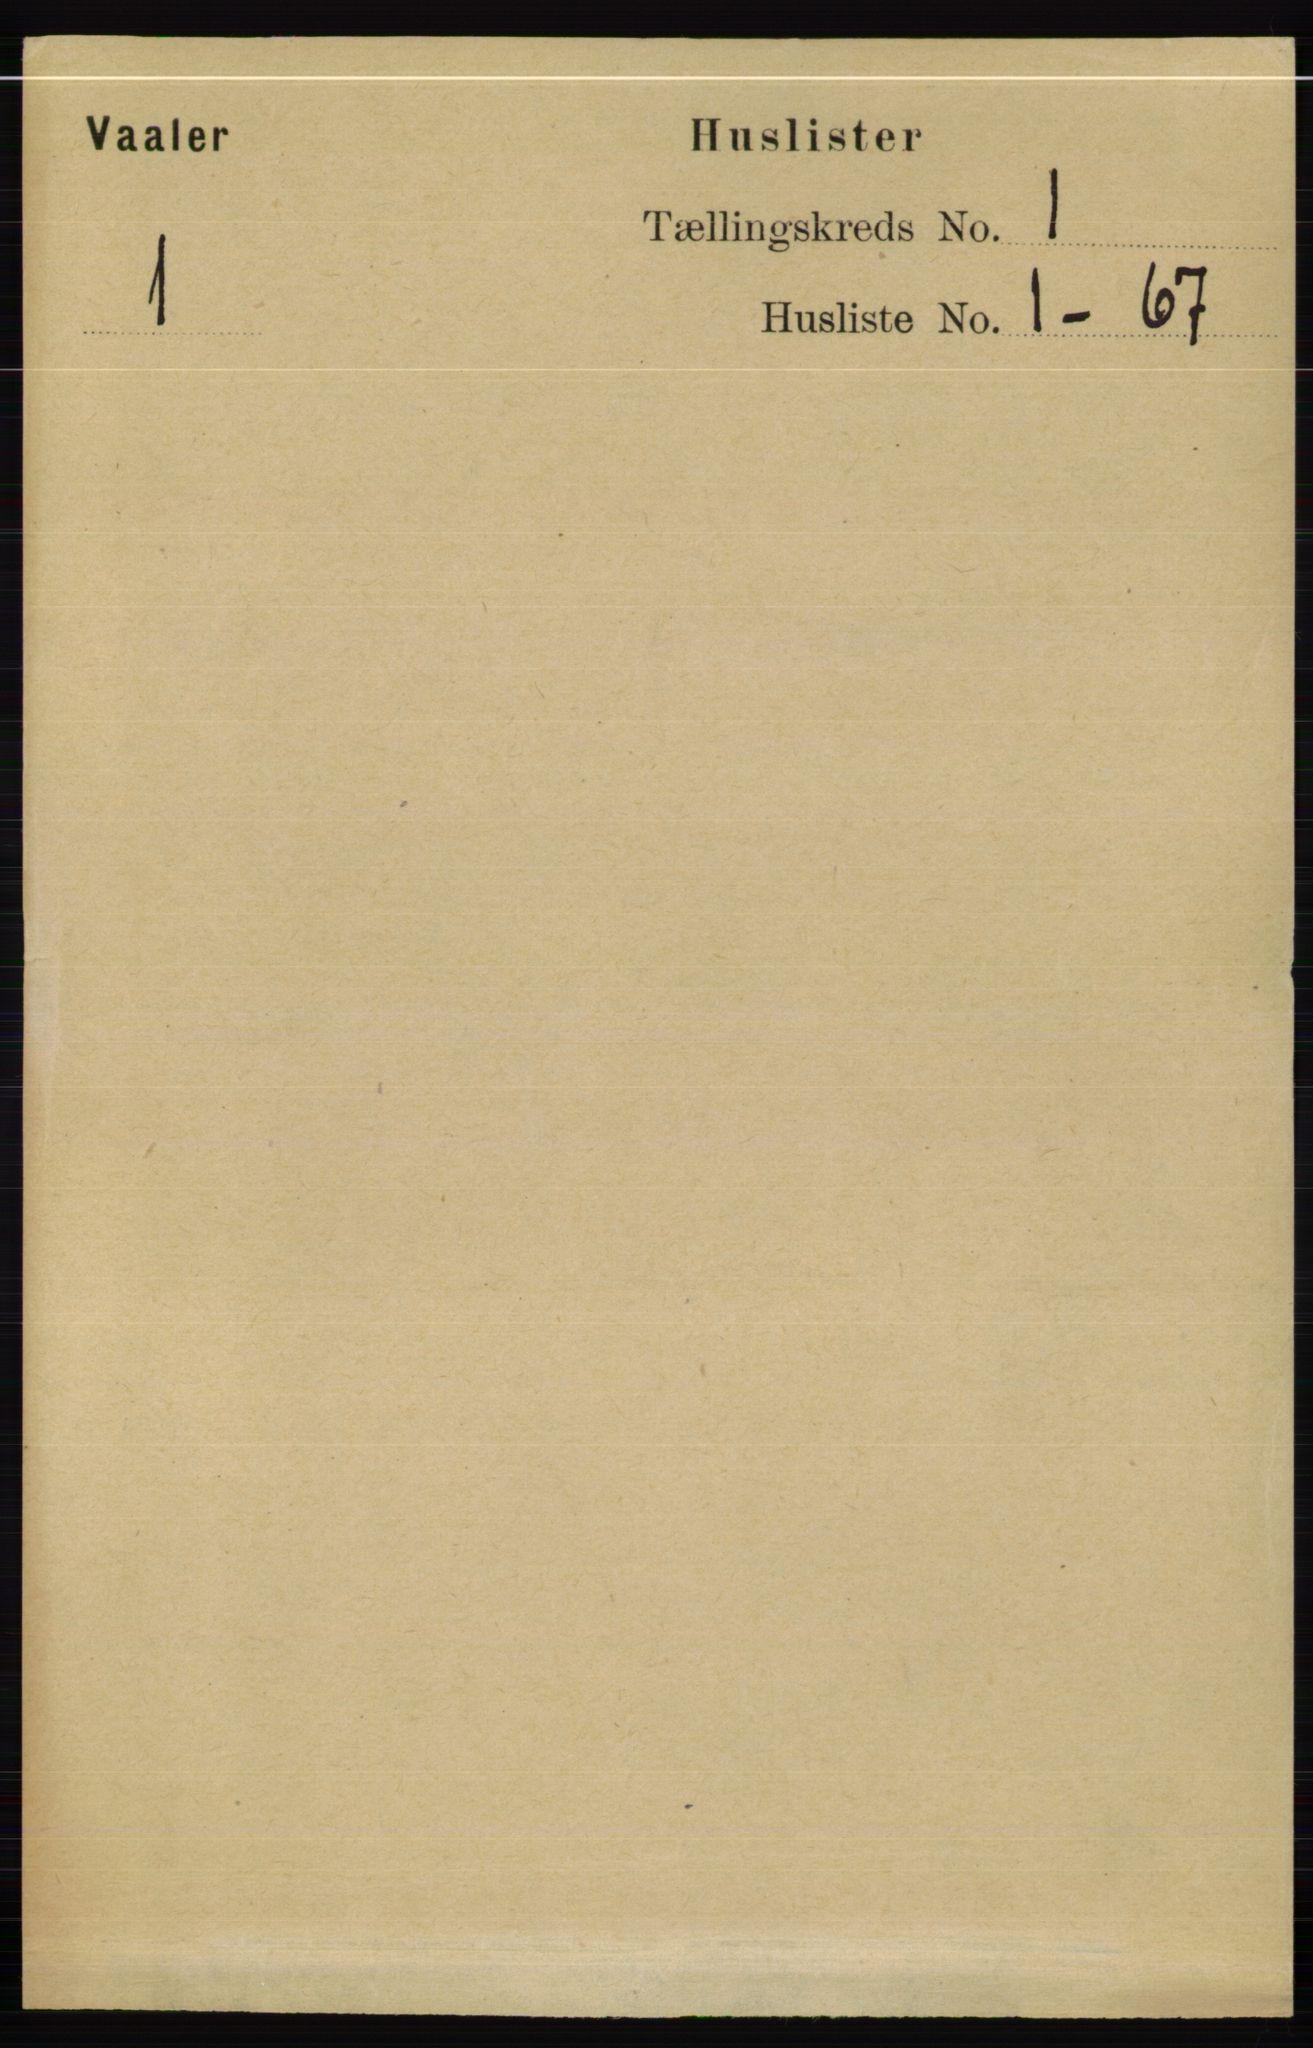 RA, Folketelling 1891 for 0426 Våler herred, 1891, s. 25